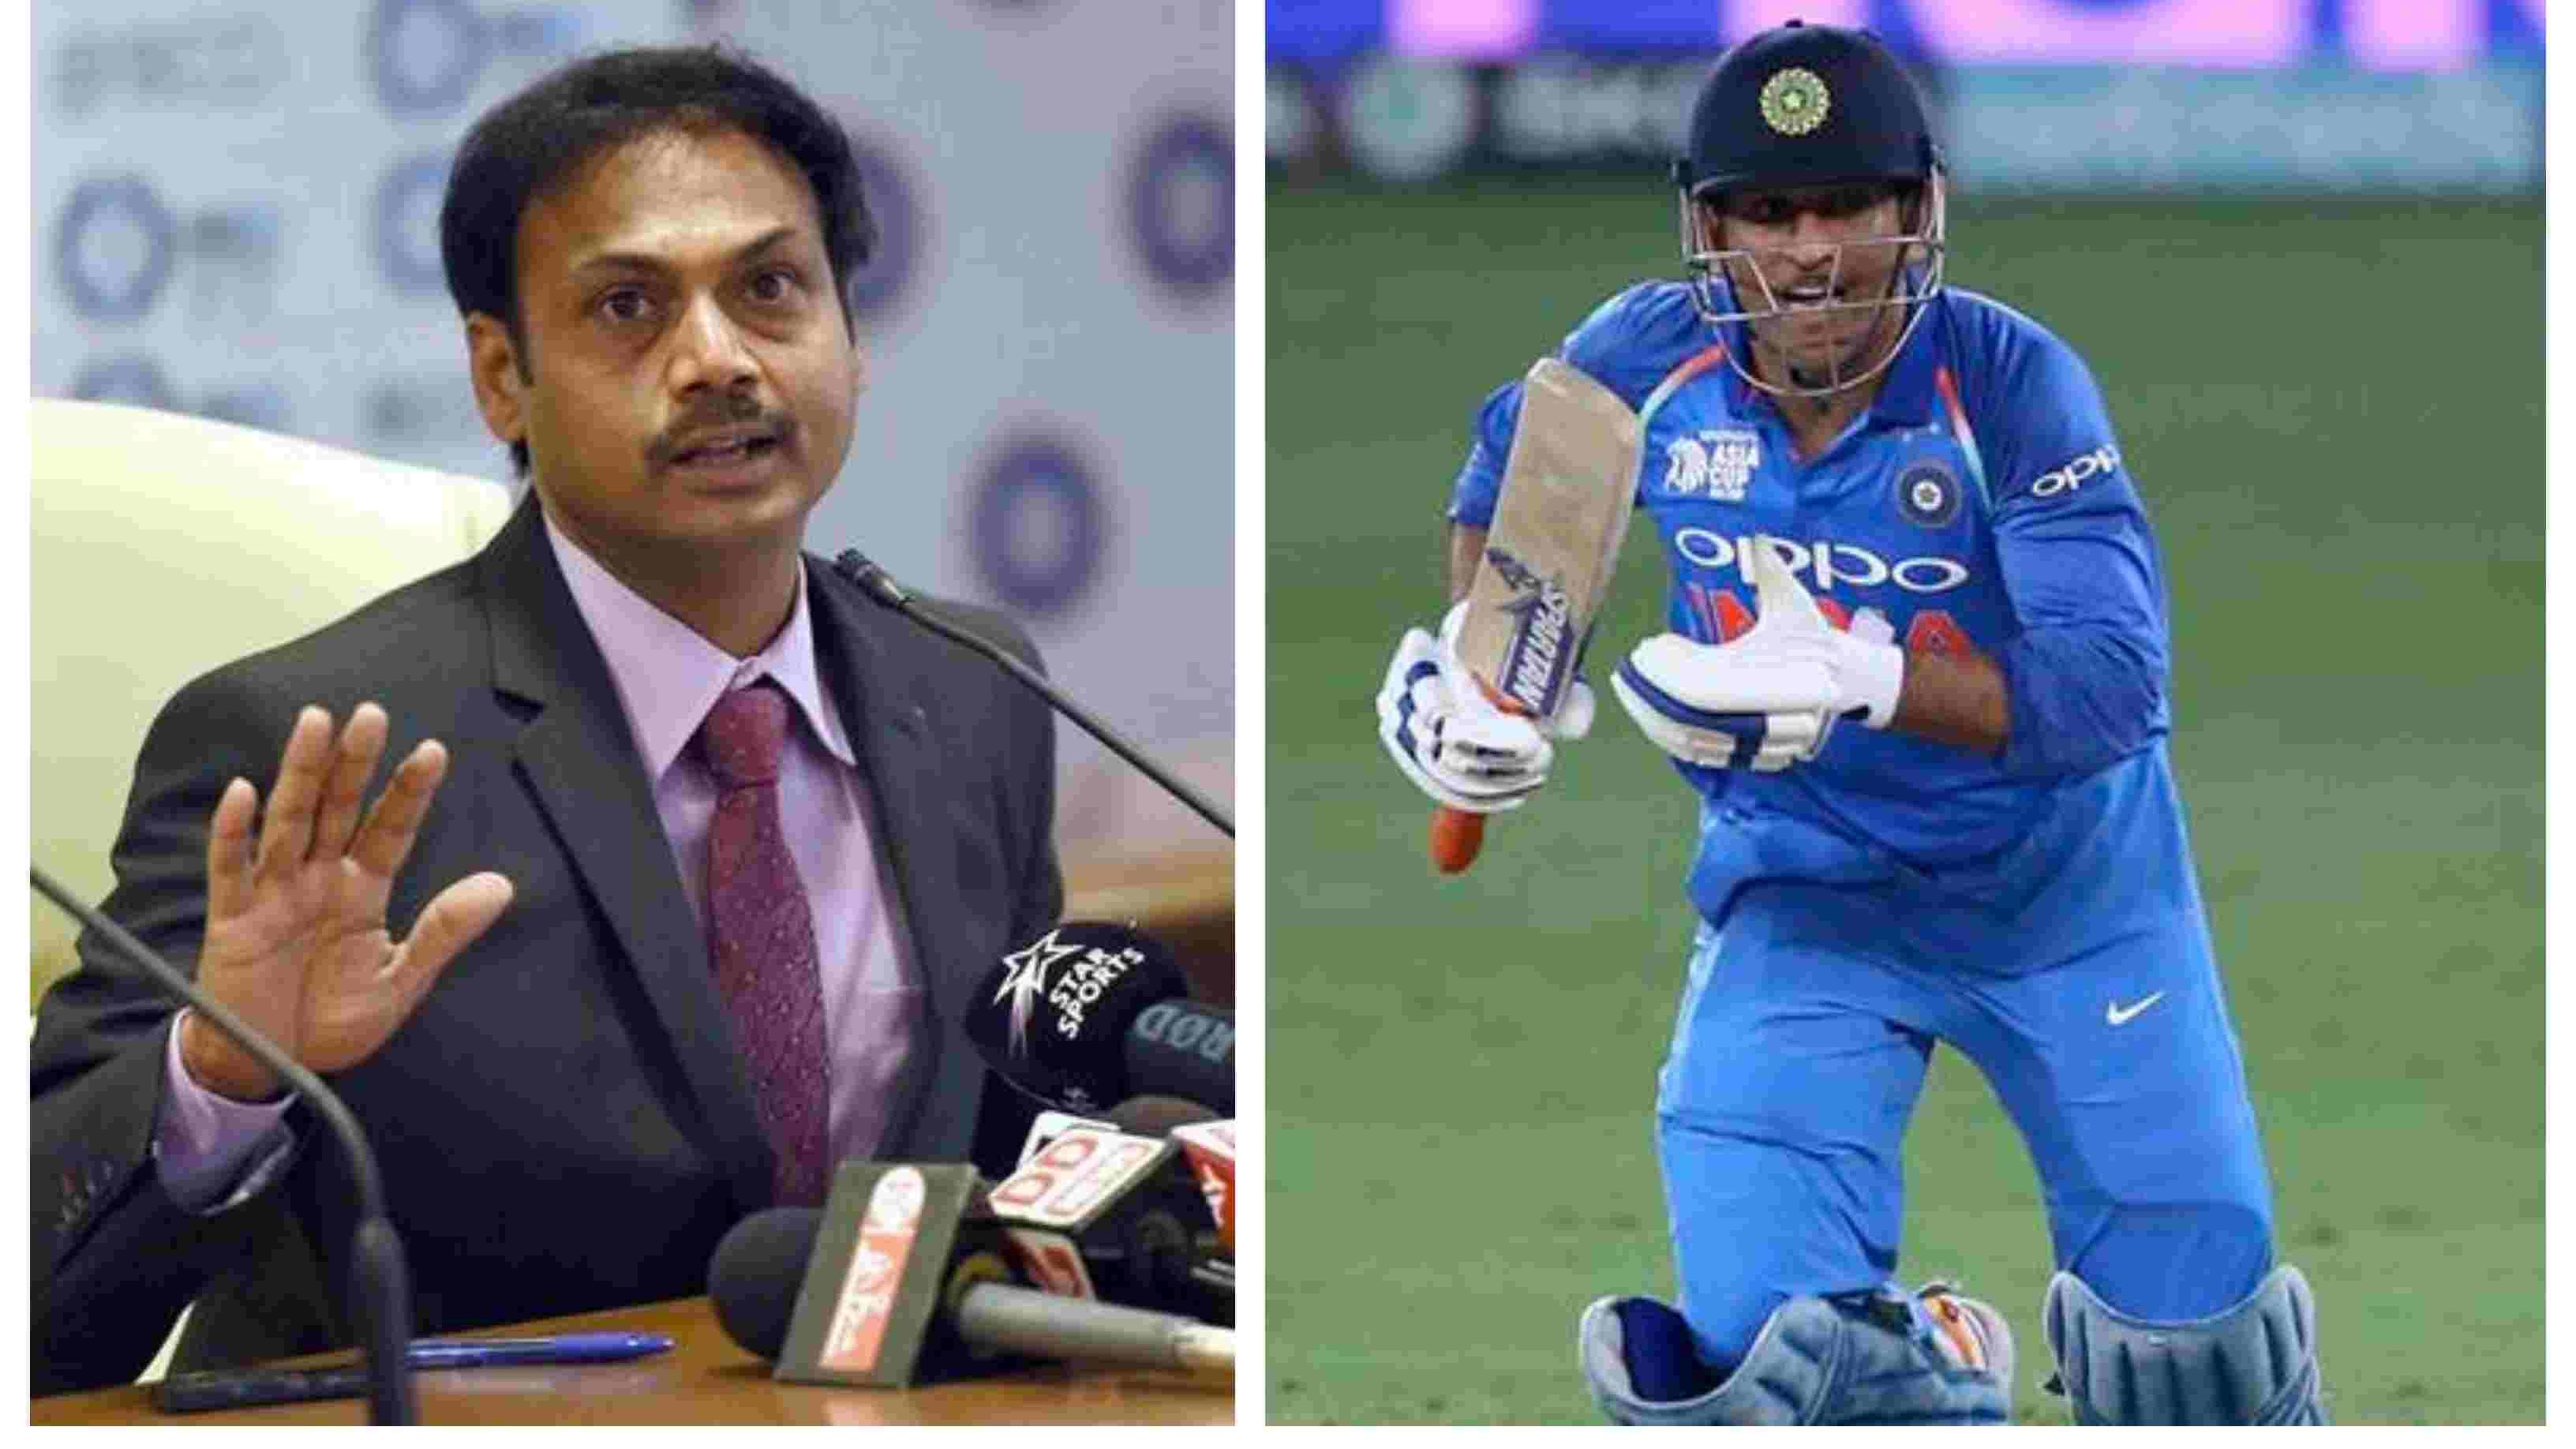 IND v WI 2018: MS Dhoni's T20I career isn't over yet, confirms chief selector MSK Prasad